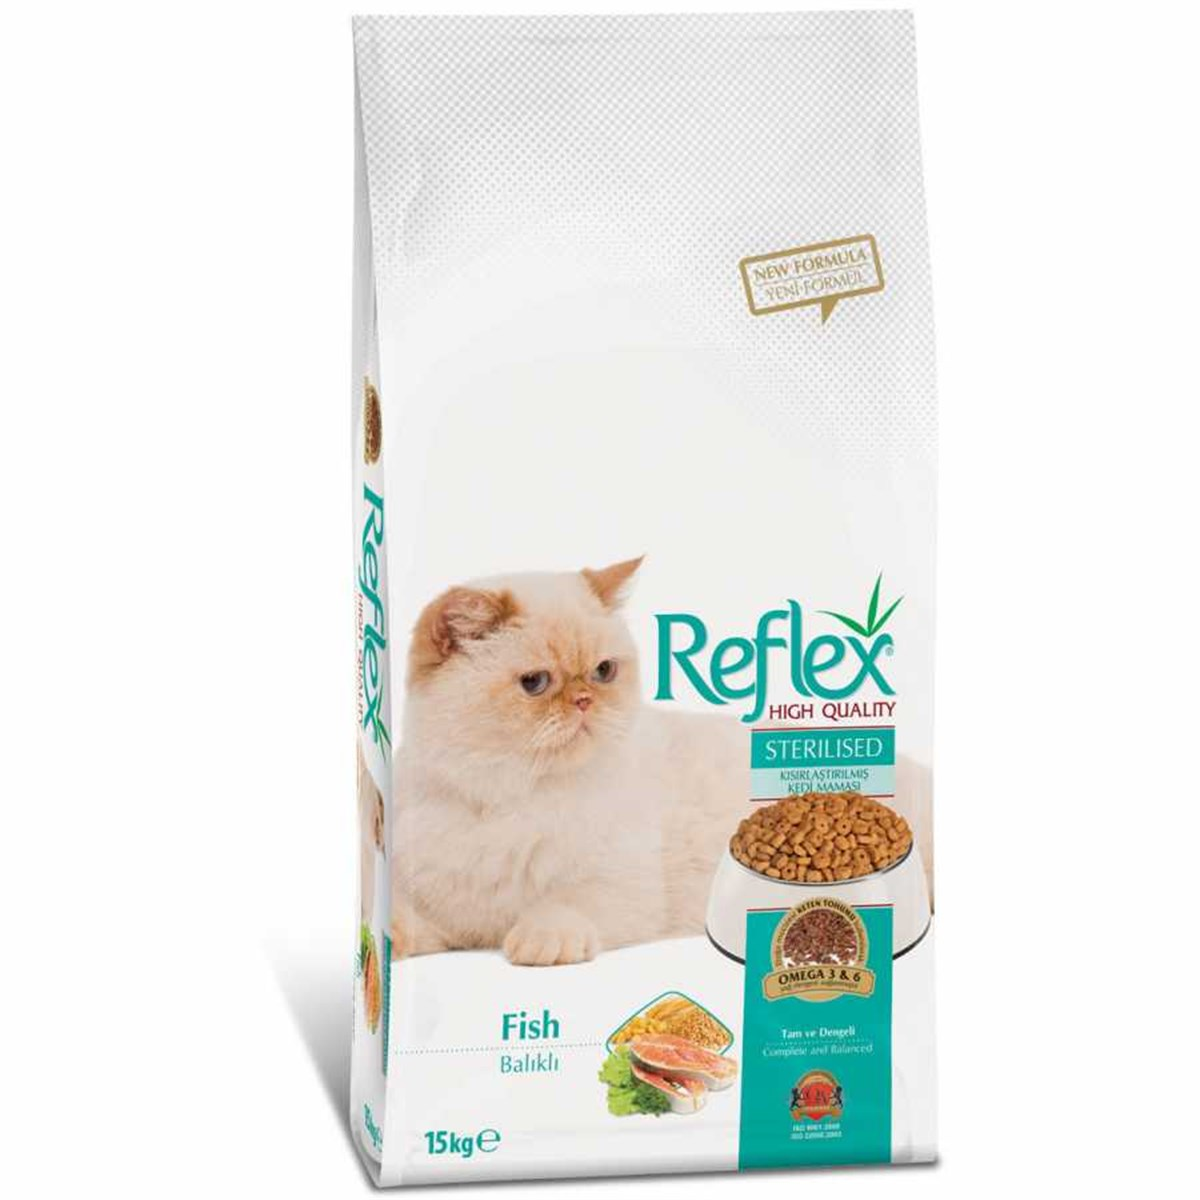 Reflex Kısırlaştırılmış Yetişkin Kedi Maması 15 kg